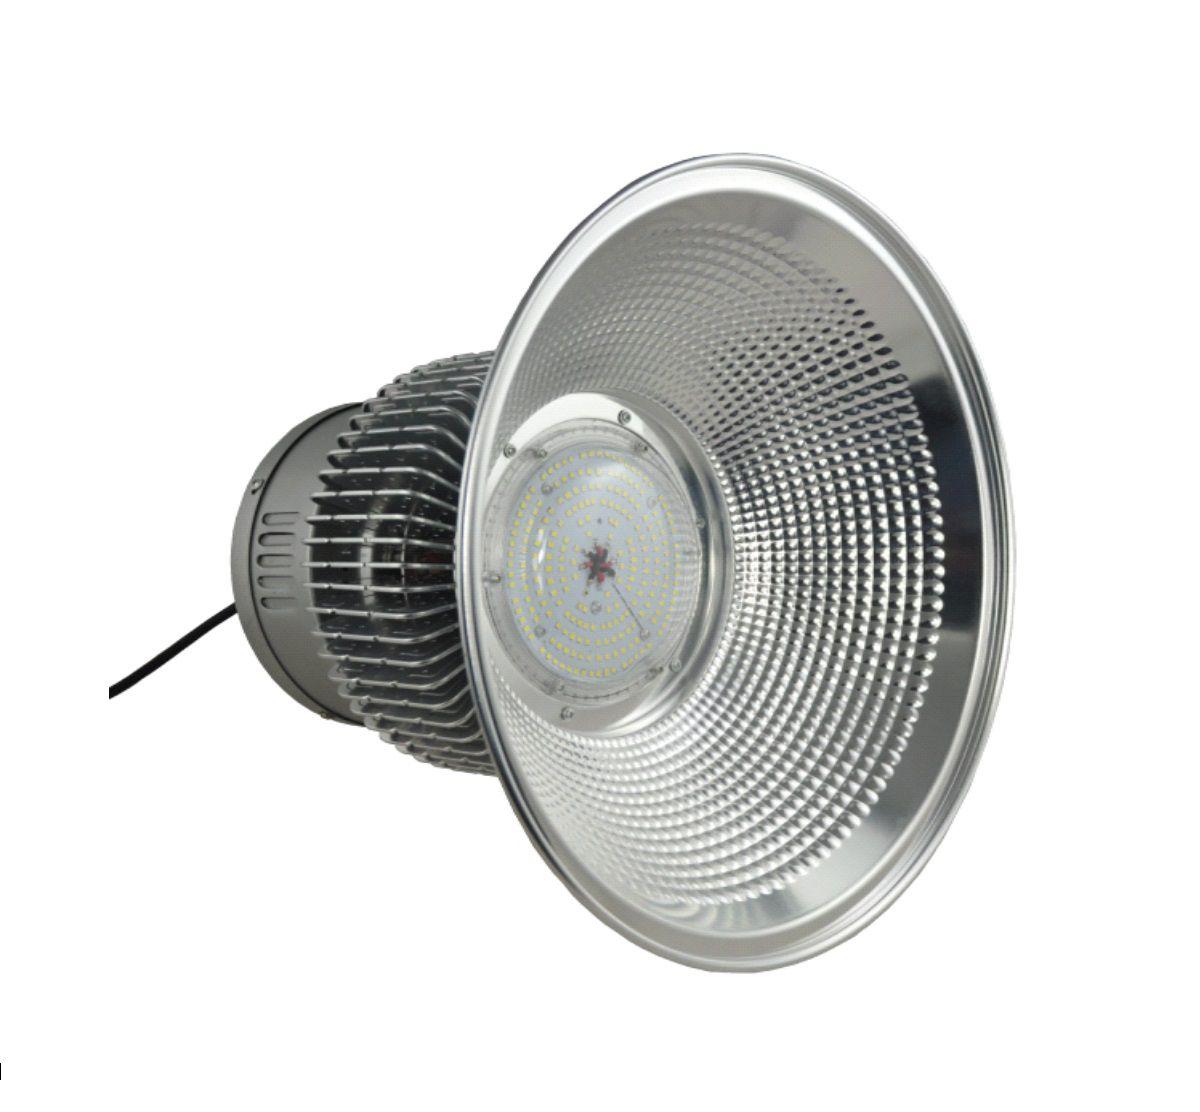 Luminária Industrial High Bay SMD 200W Bivolt Branco Frio - PEÇA UNICA